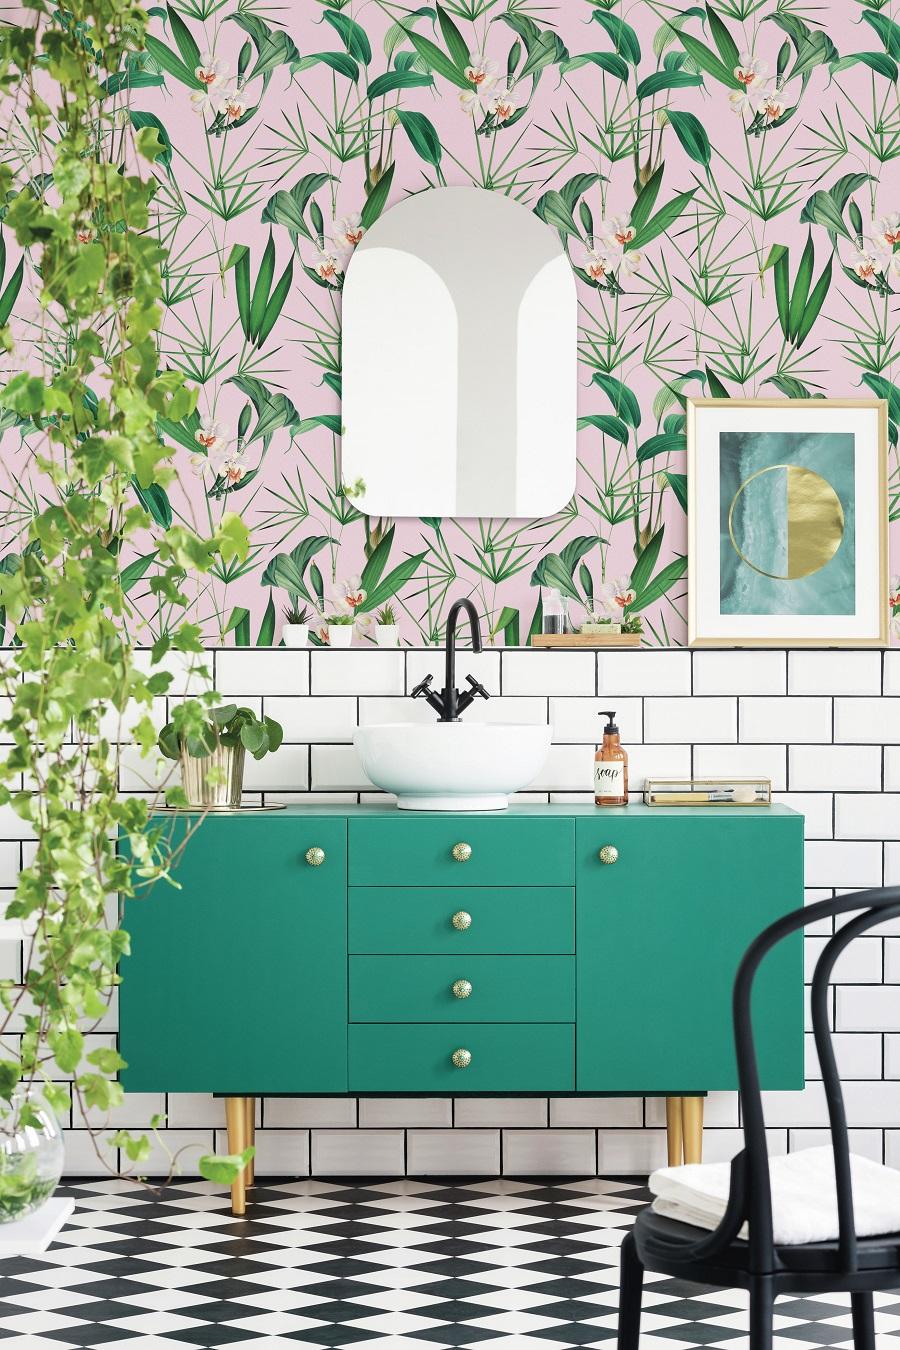 decorar el baño con papel mural tropical